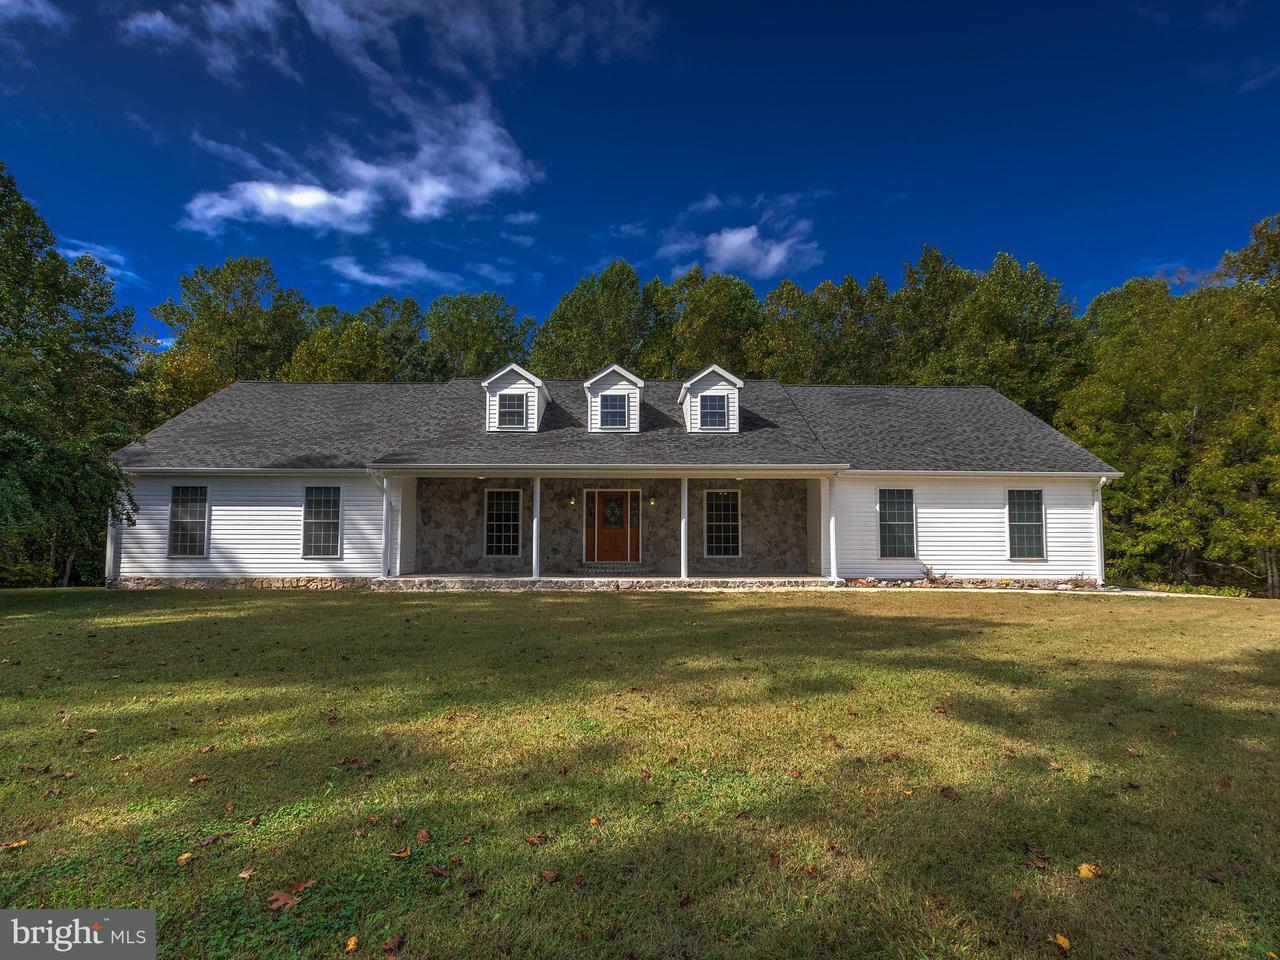 Частный односемейный дом для того Продажа на 6295 SWAN HARBOUR Court 6295 SWAN HARBOUR Court Hughesville, Мэриленд 20637 Соединенные Штаты